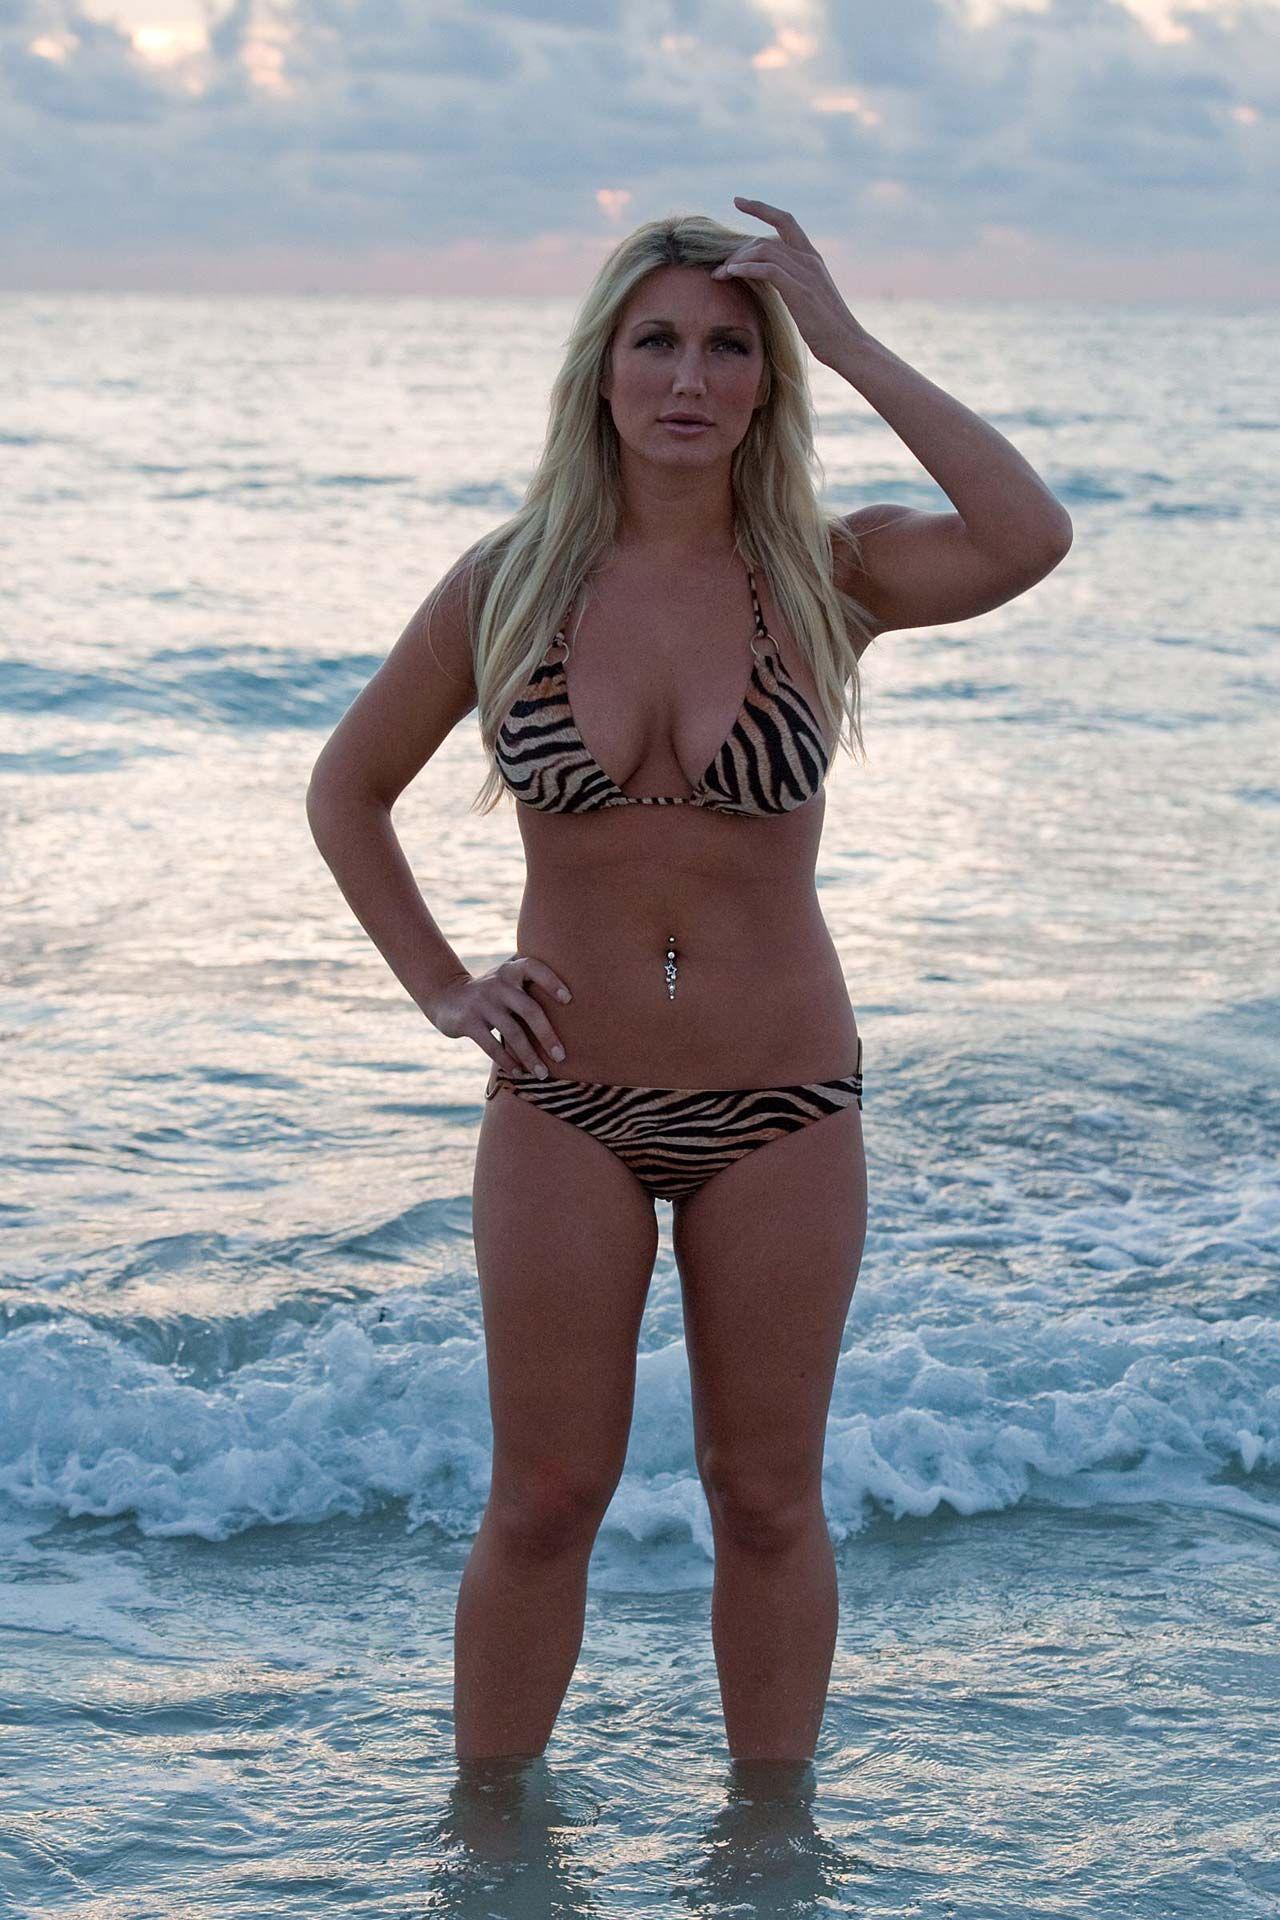 Avec une silhouette atlétique et les cheveux blonde sans soutien-gorge (taille 34D) en bikini sur la plage